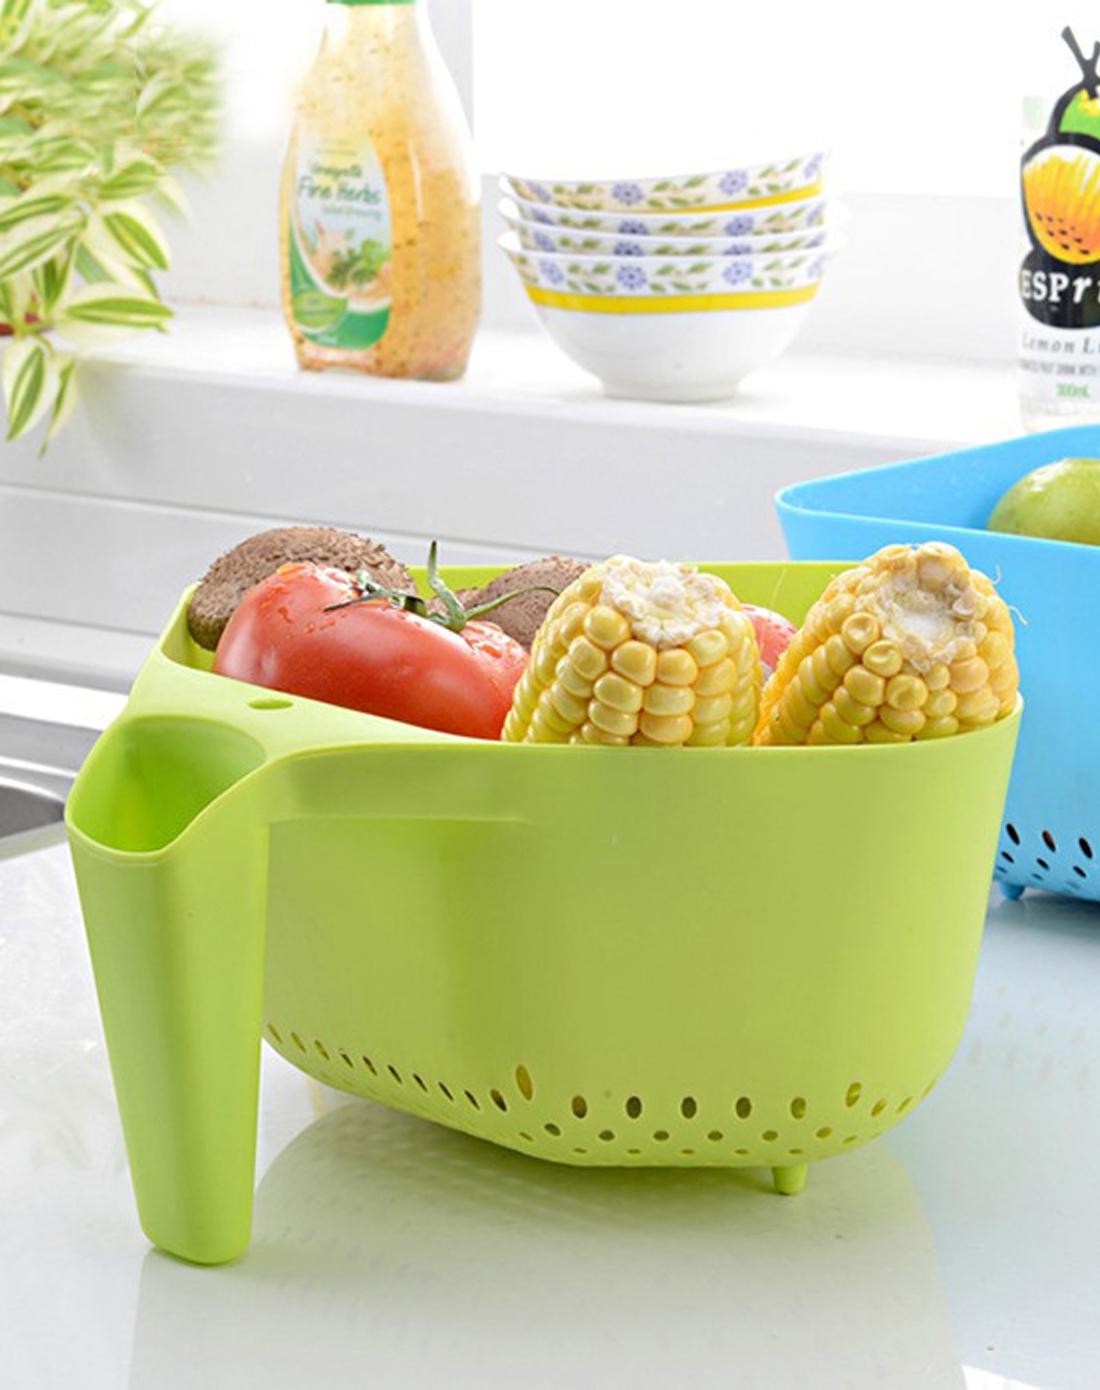 厨房水果蔬菜篮果盘沥水篮(绿)